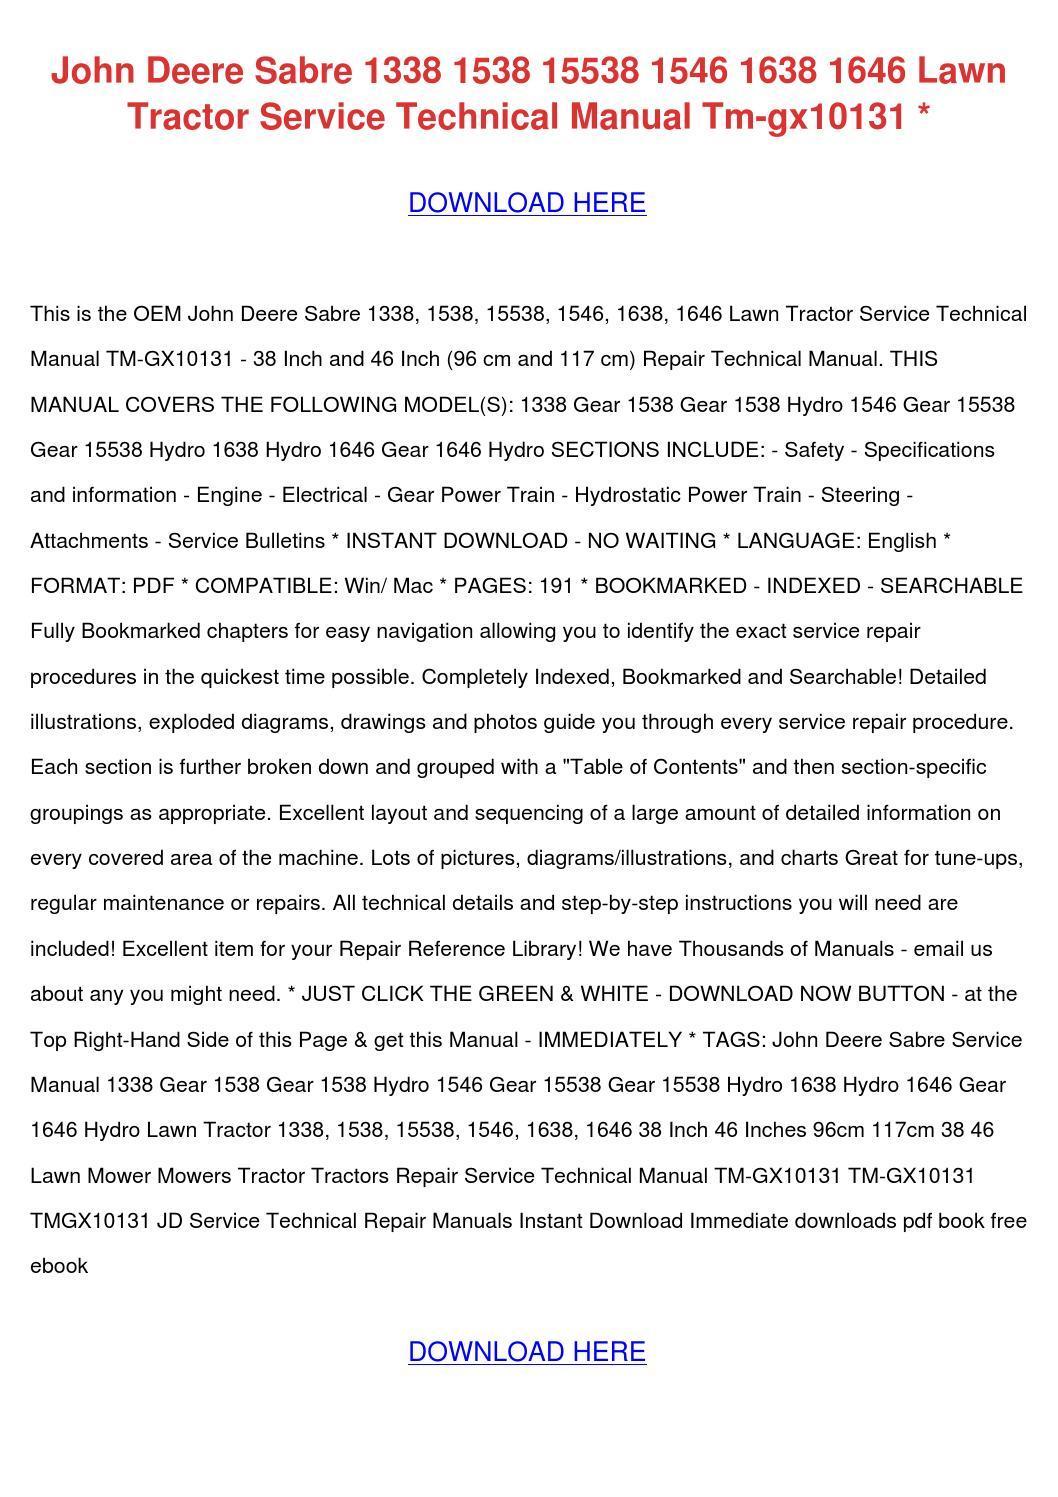 John Deere sabre 1646 manual